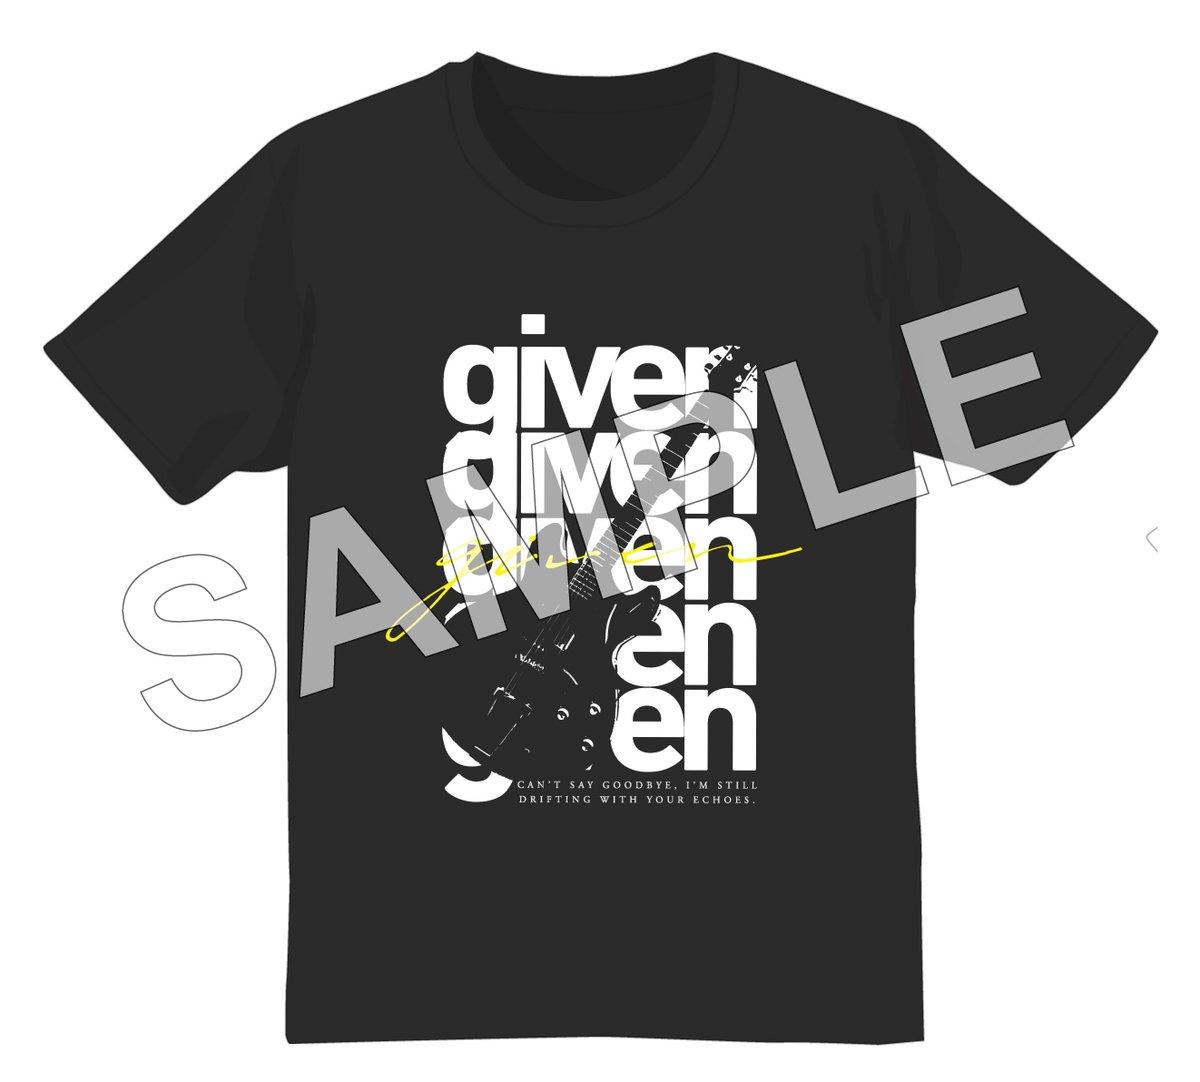 『ギヴン』キヅナツキ先生が「胃つよつよマン」イラスト公開!アルバムに封入されるTシャツ絵柄も公開